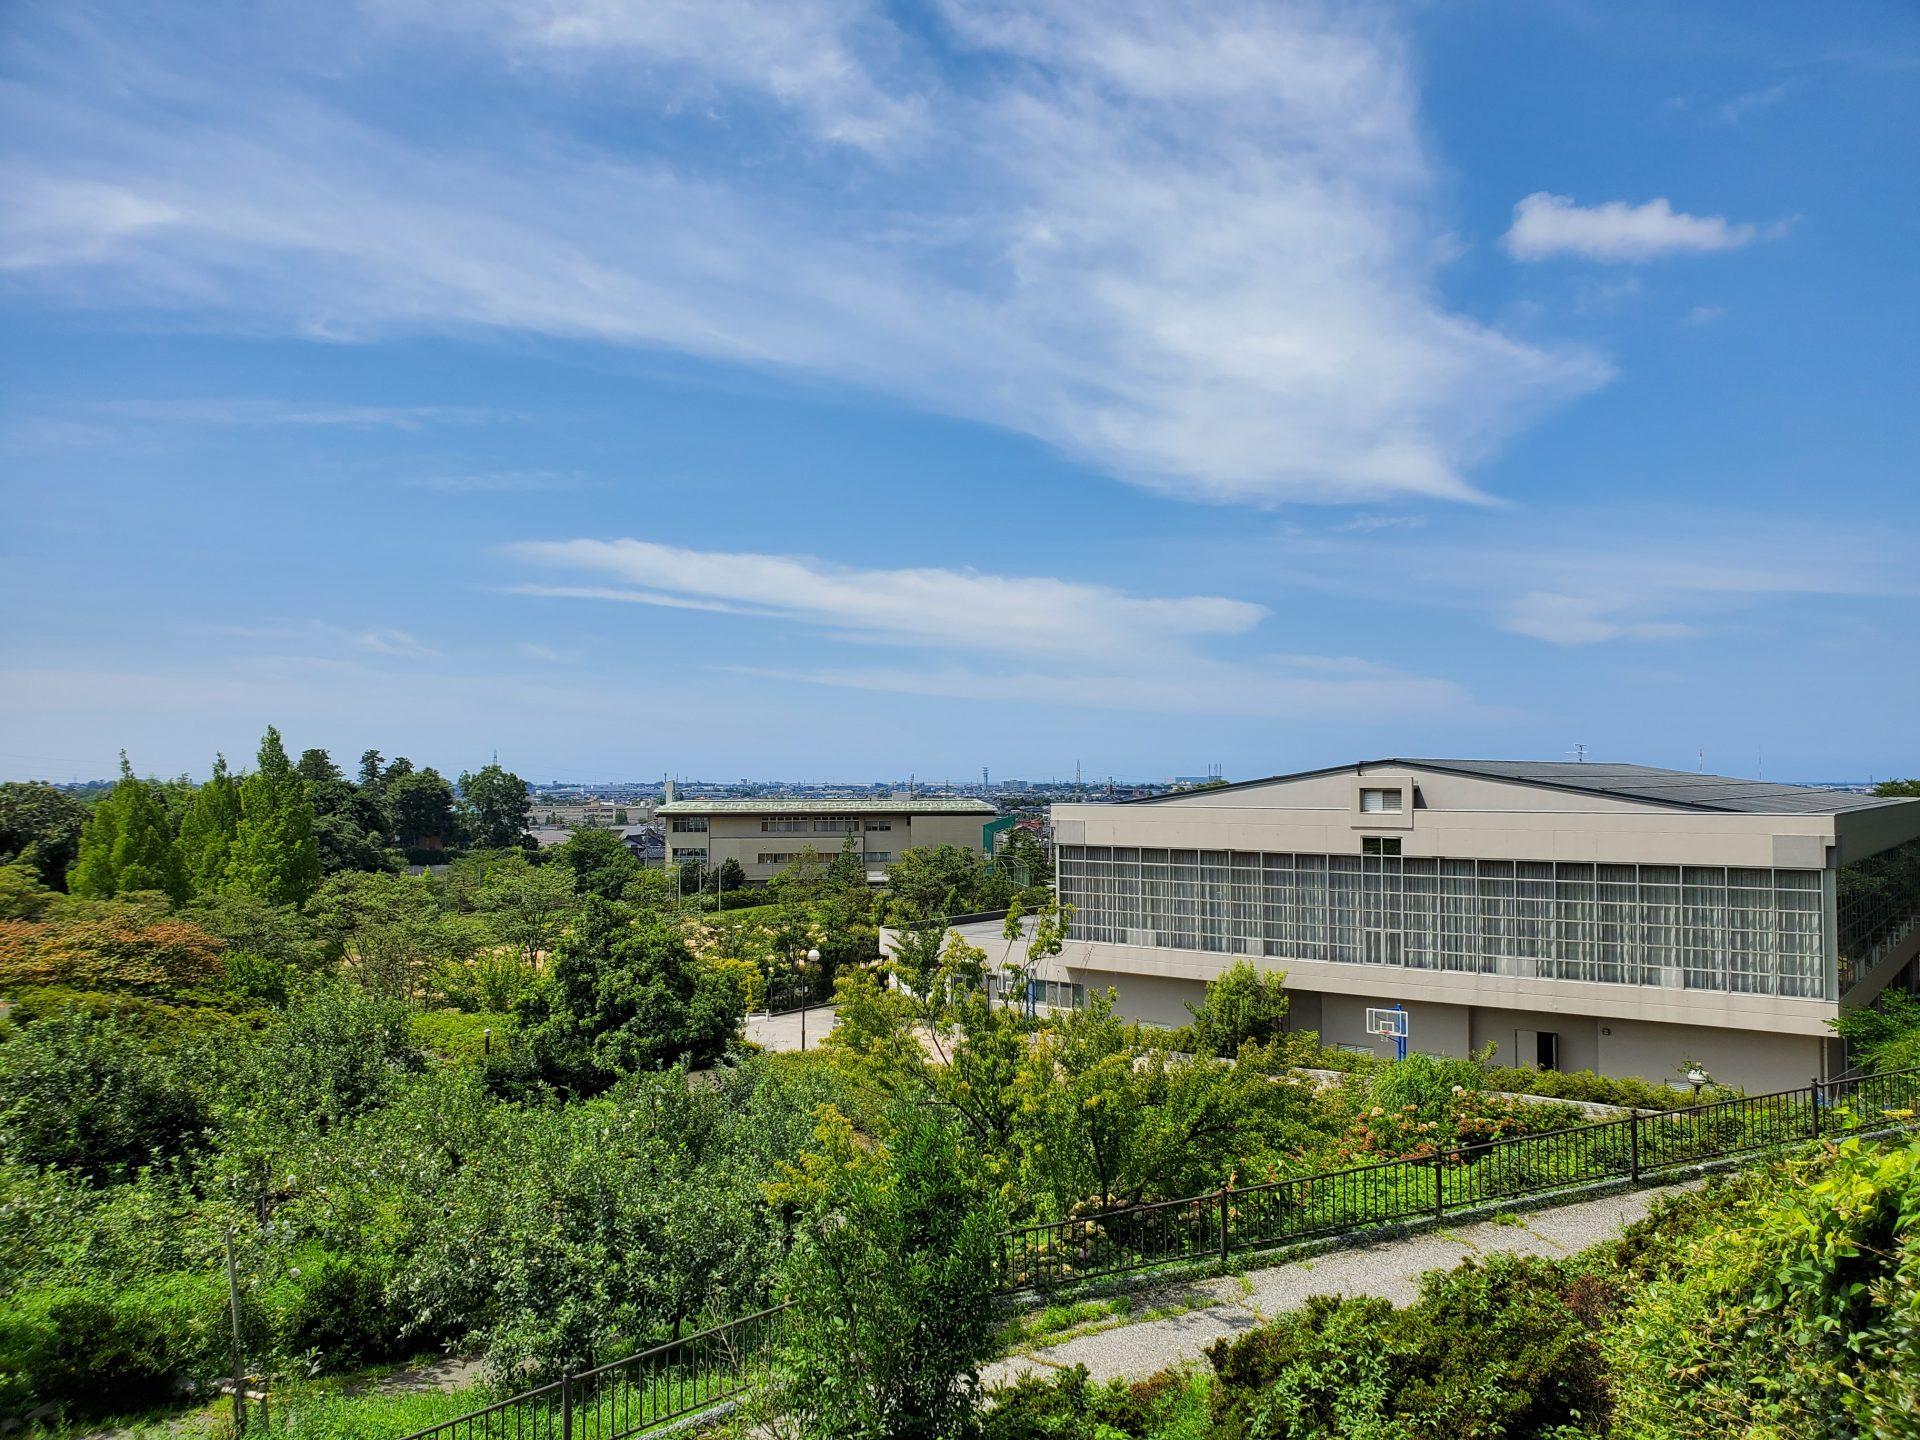 額谷ふれあい体育館、額谷ふれあい公園、金沢、体育館、公園